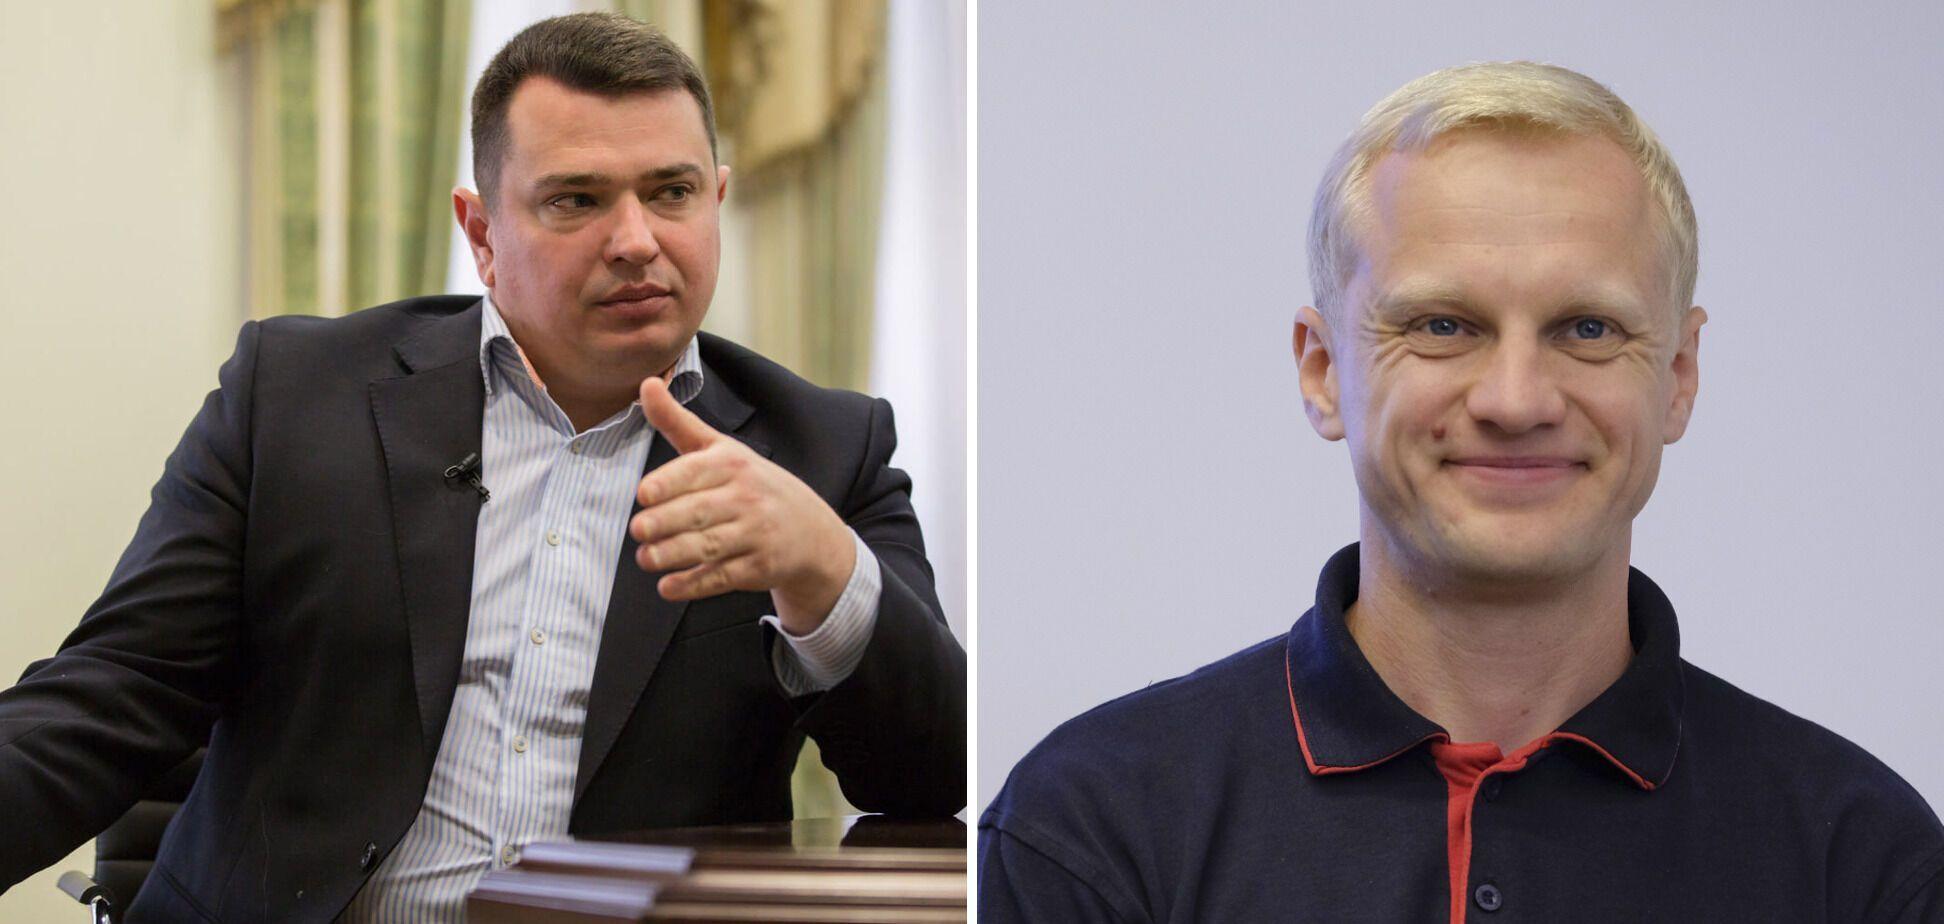 Артем Сытник и Виталий Шабунин заявили о давлении на конкурсную комиссию